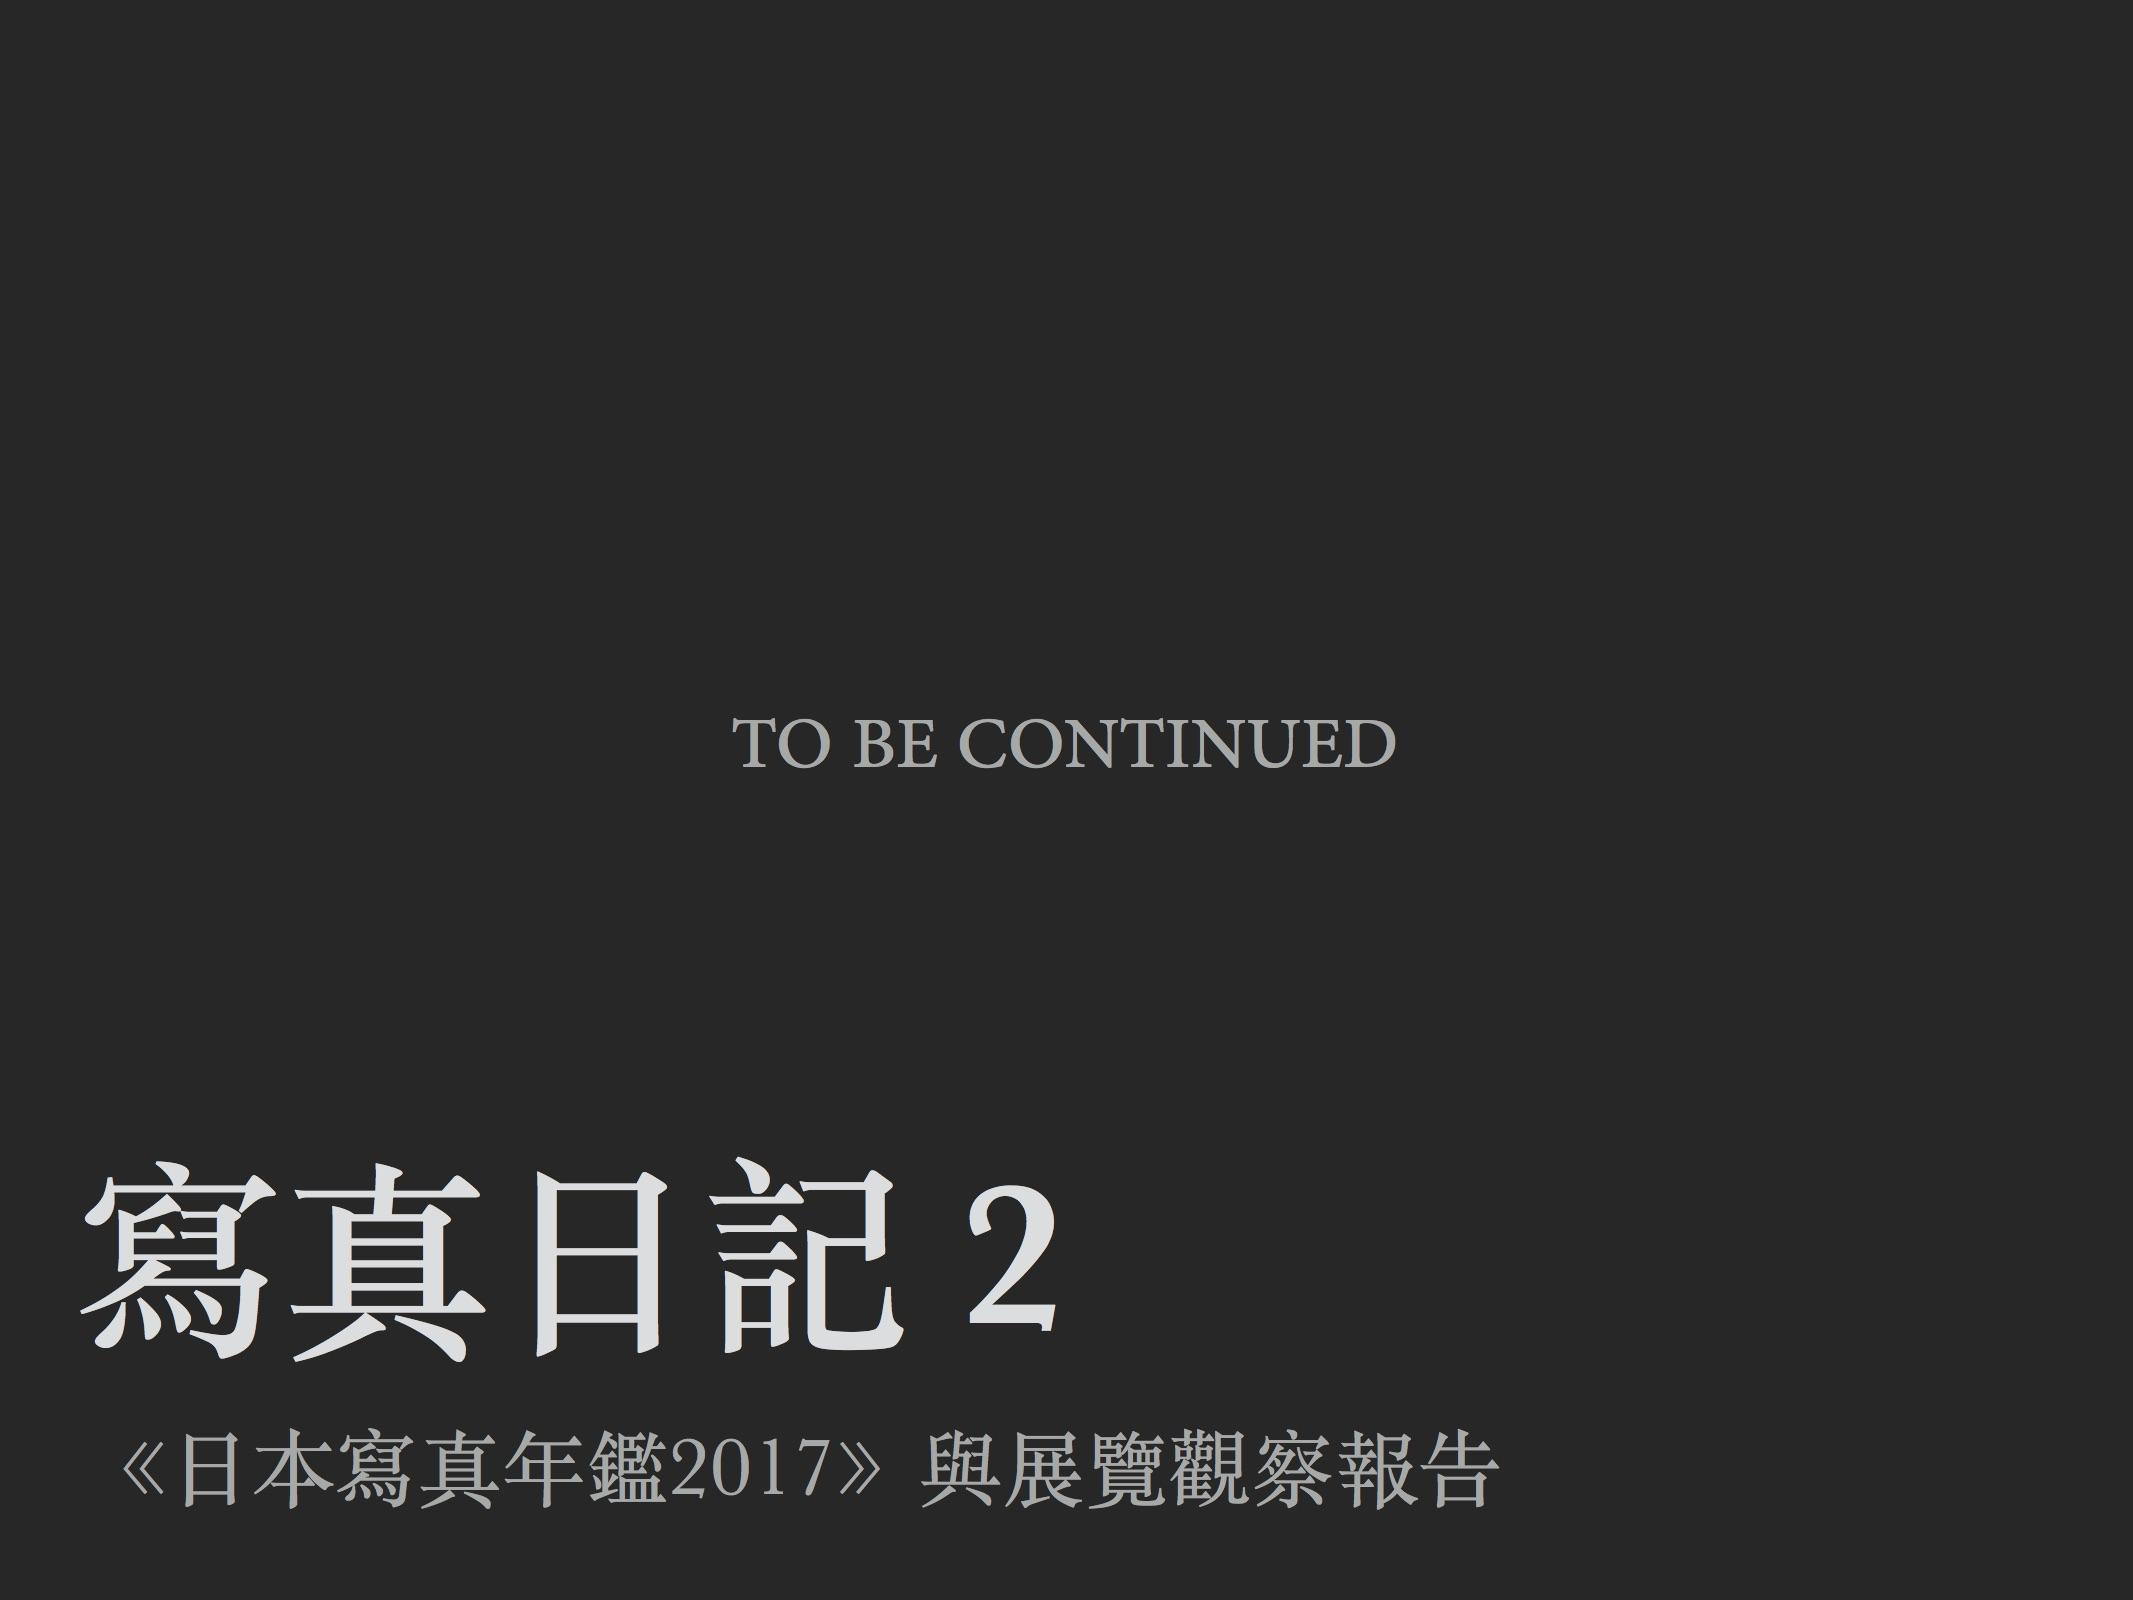 20171005 slide for Lightbox-70.jpg